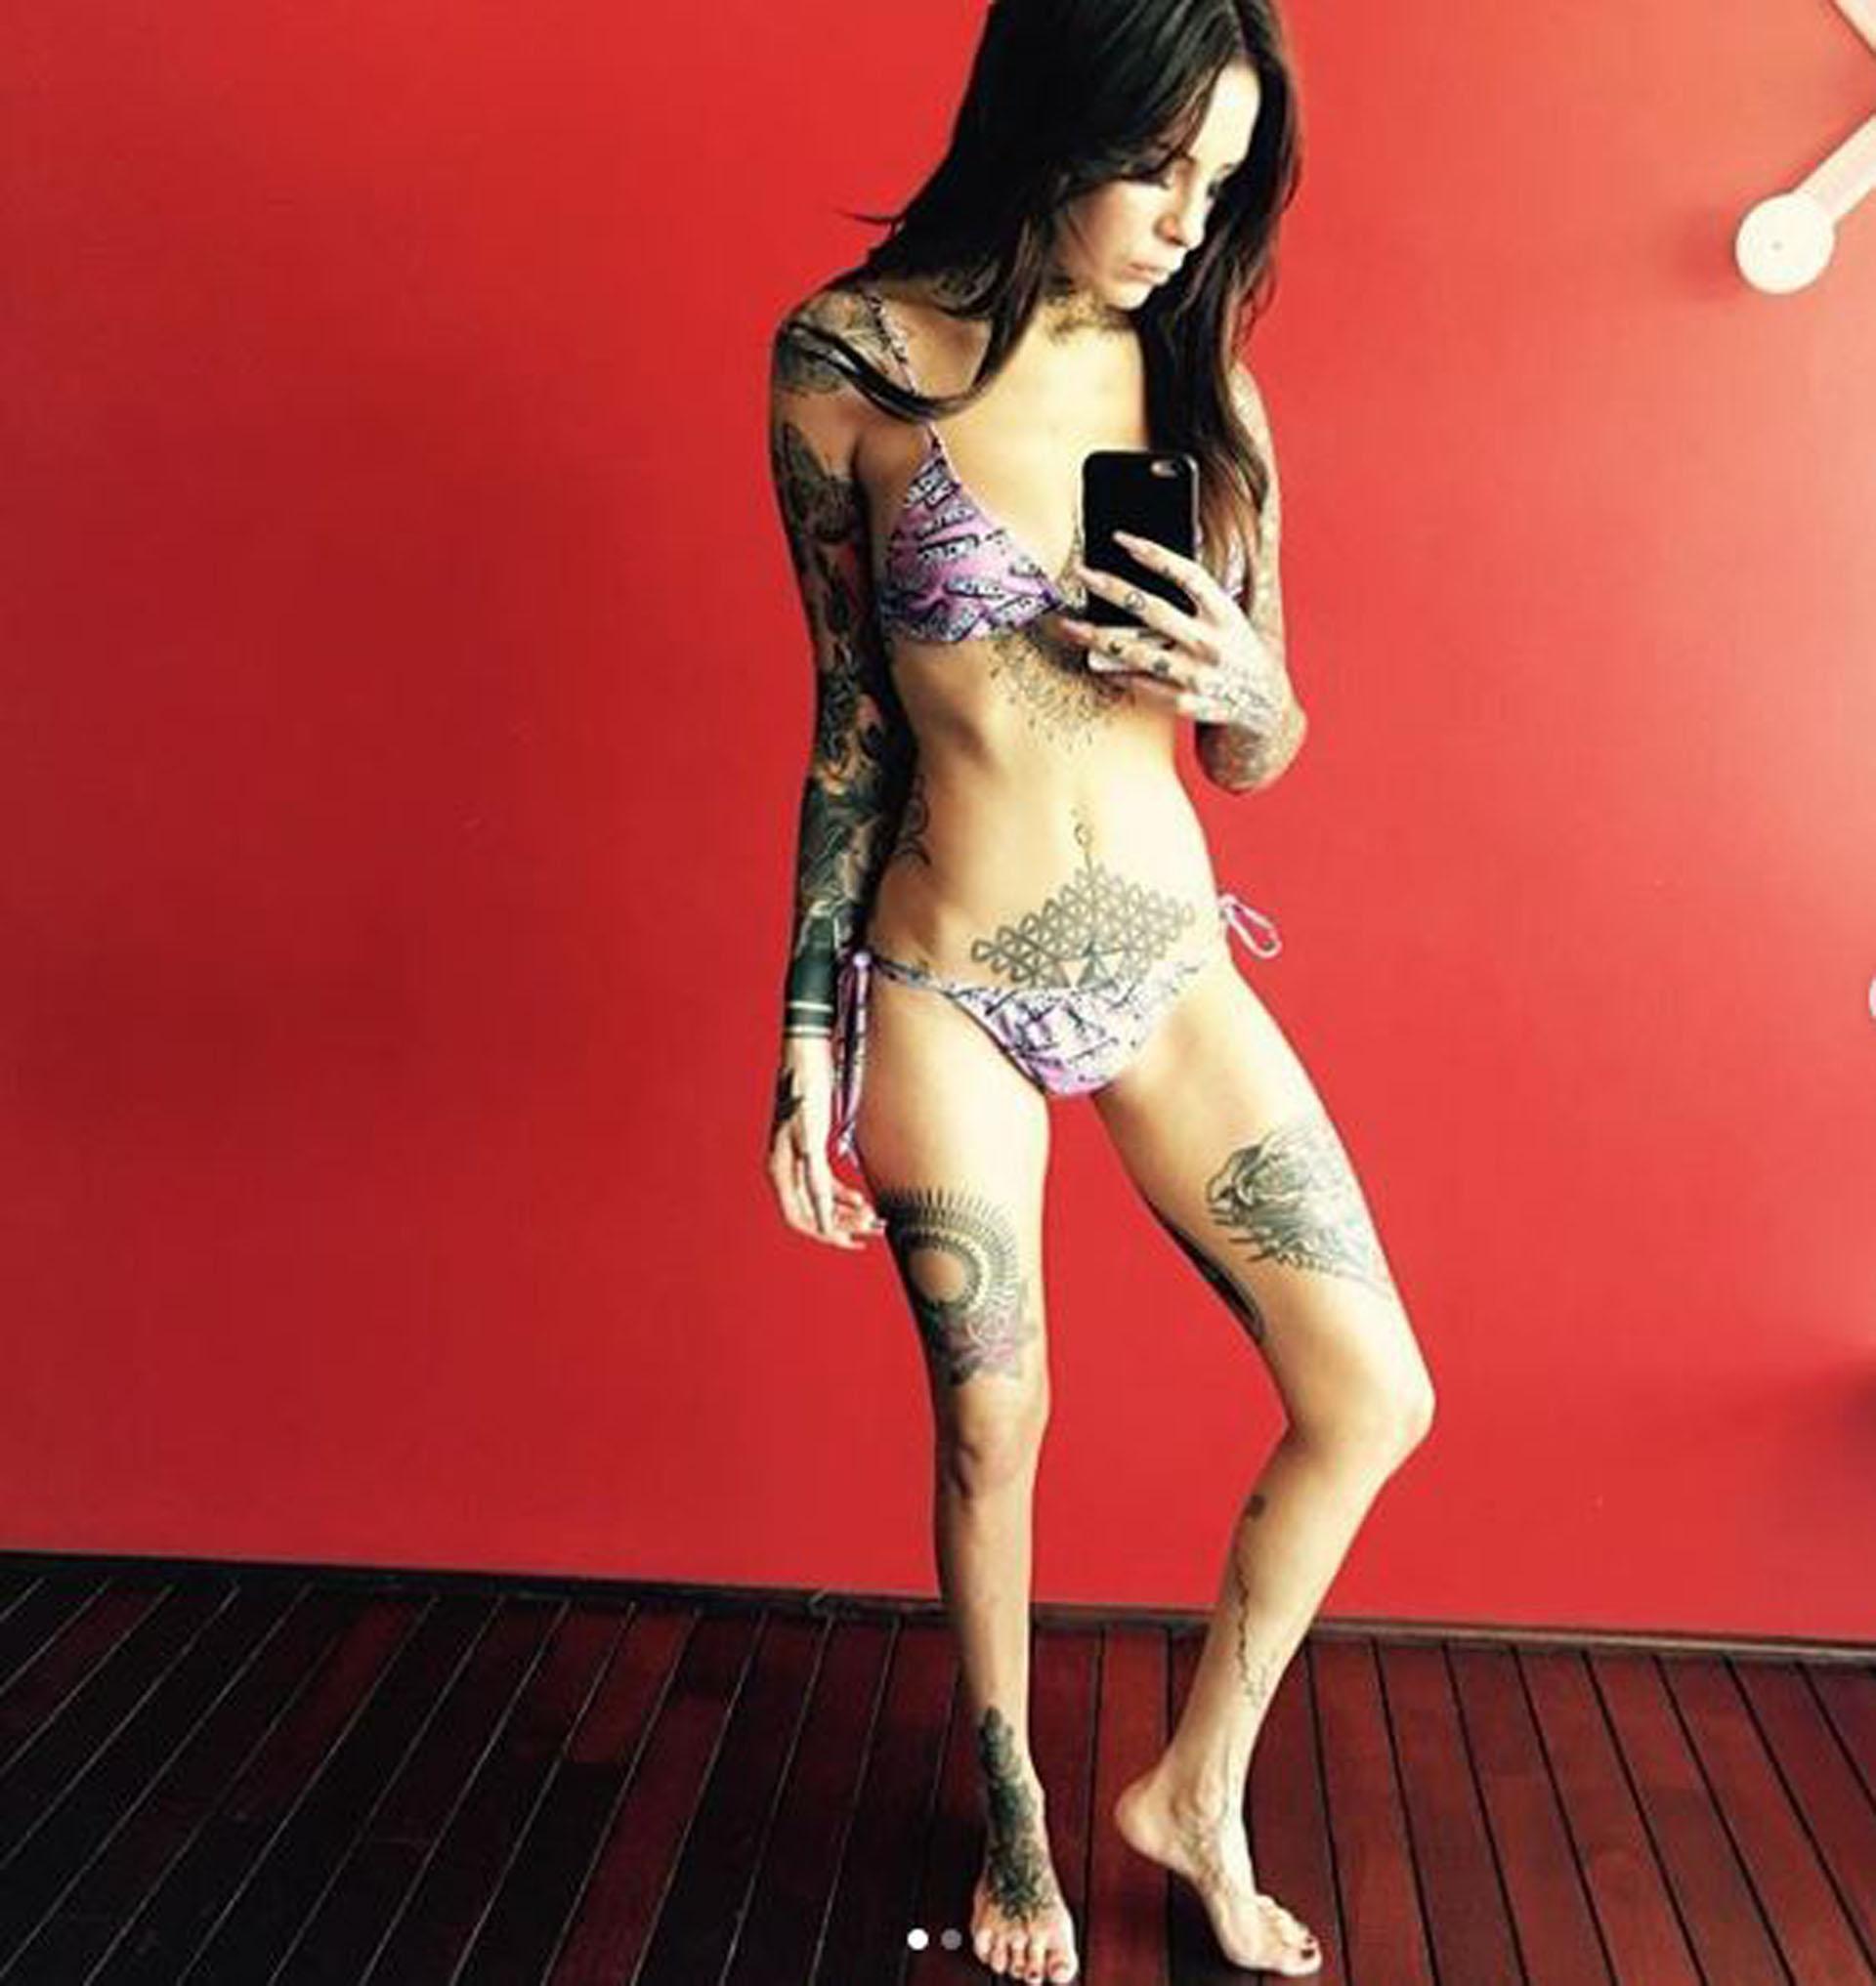 Cande Tinelli publicó las fotos para advertir a sus seguidores de Instragram sobre los peligros de la anorexia y bulimia. Reveló que sufrió depresión y pérdida de menstruación durante cinco años